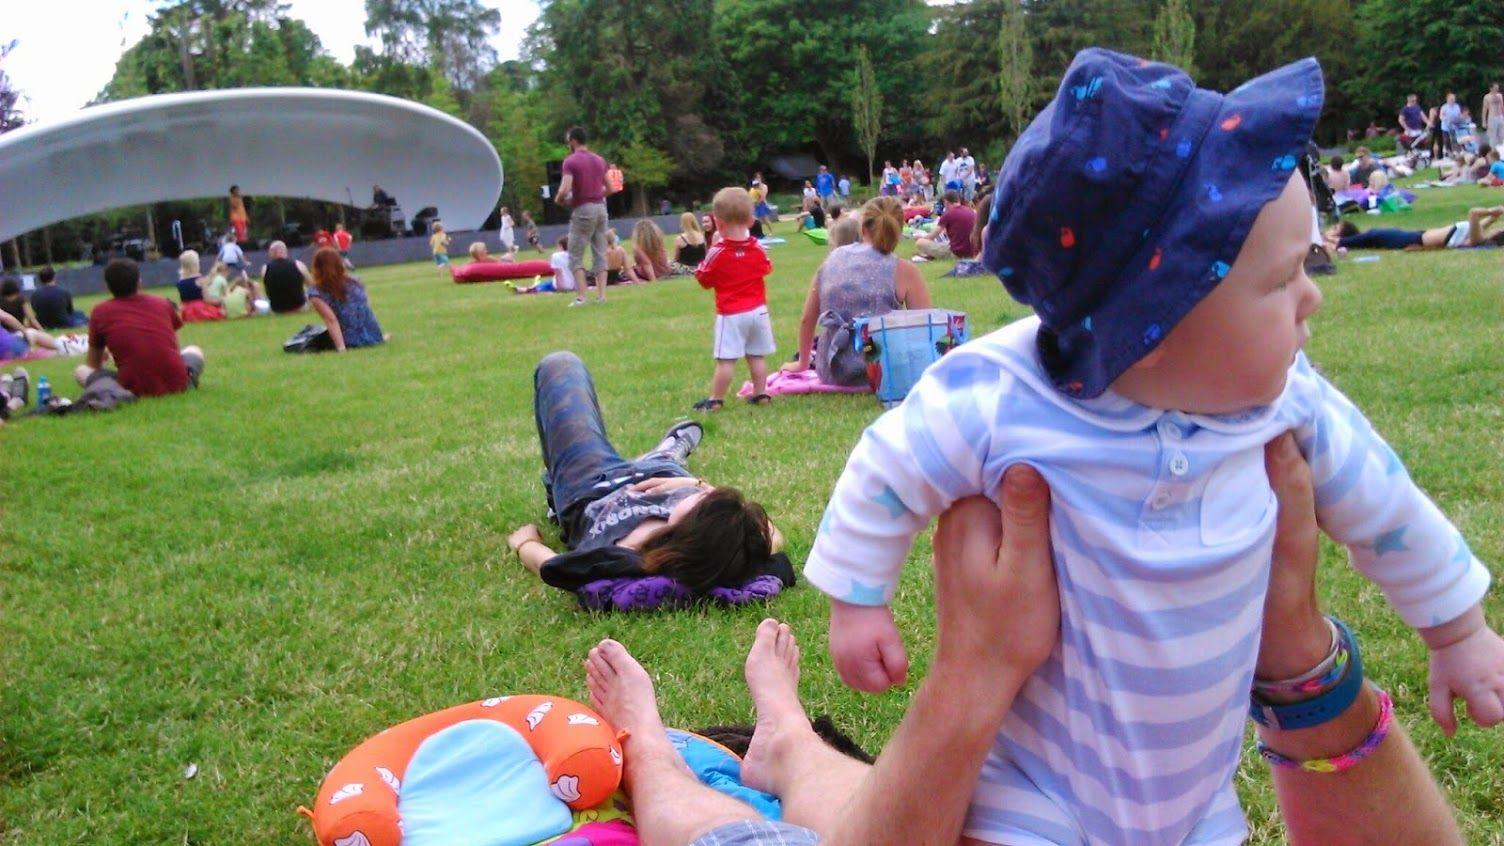 Fulltimemumie outdoor activities cork ireland outdoor